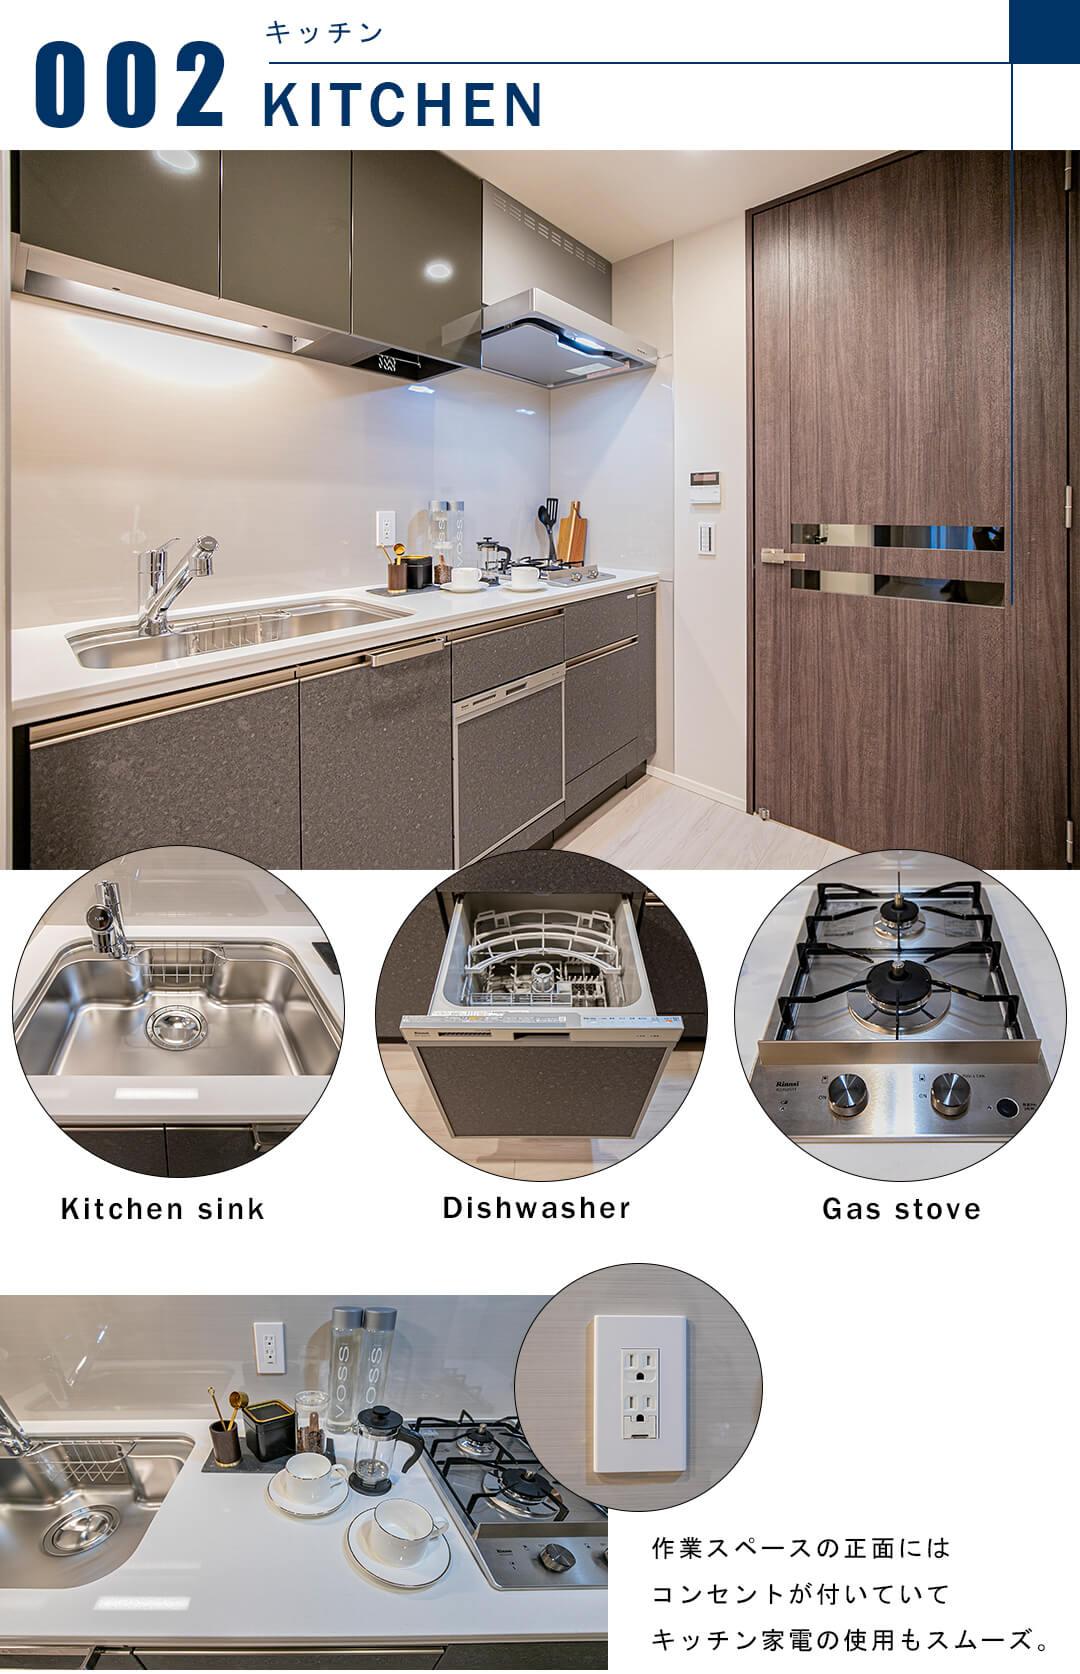 ザ・パークハウスアーバンス渋谷のキッチン